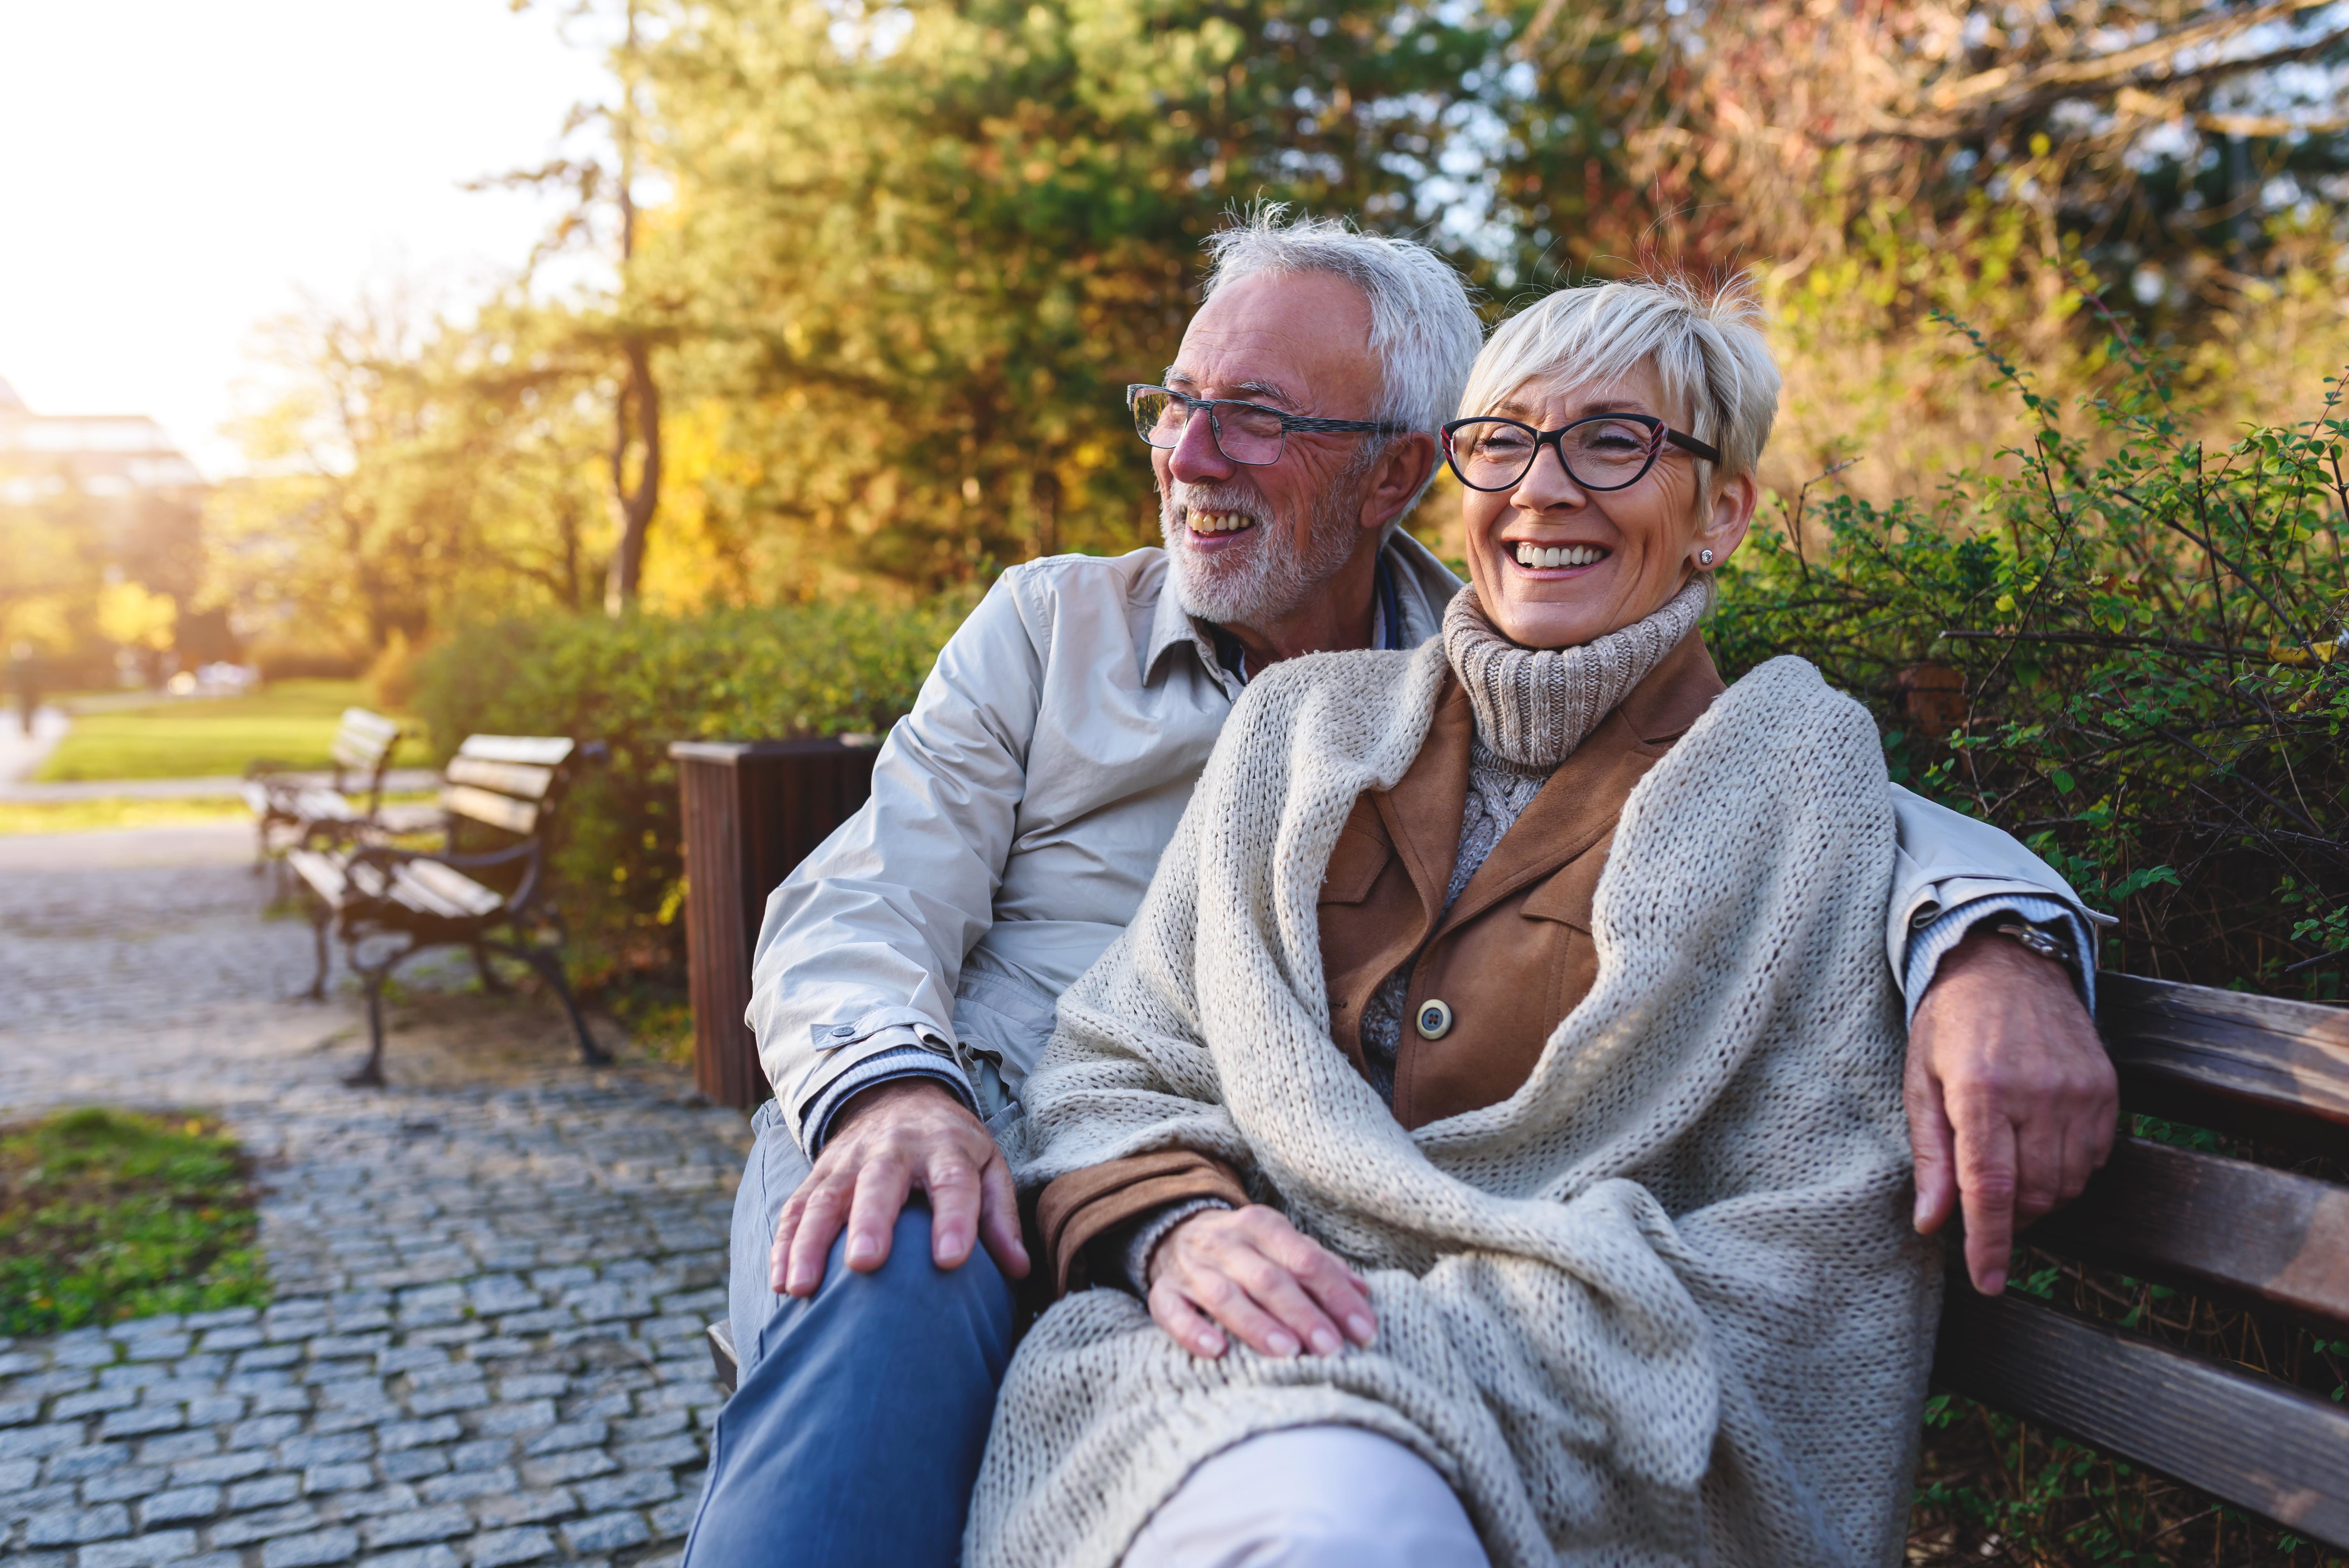 Пенсионеры, которые могут получить ВНЖ в Германии